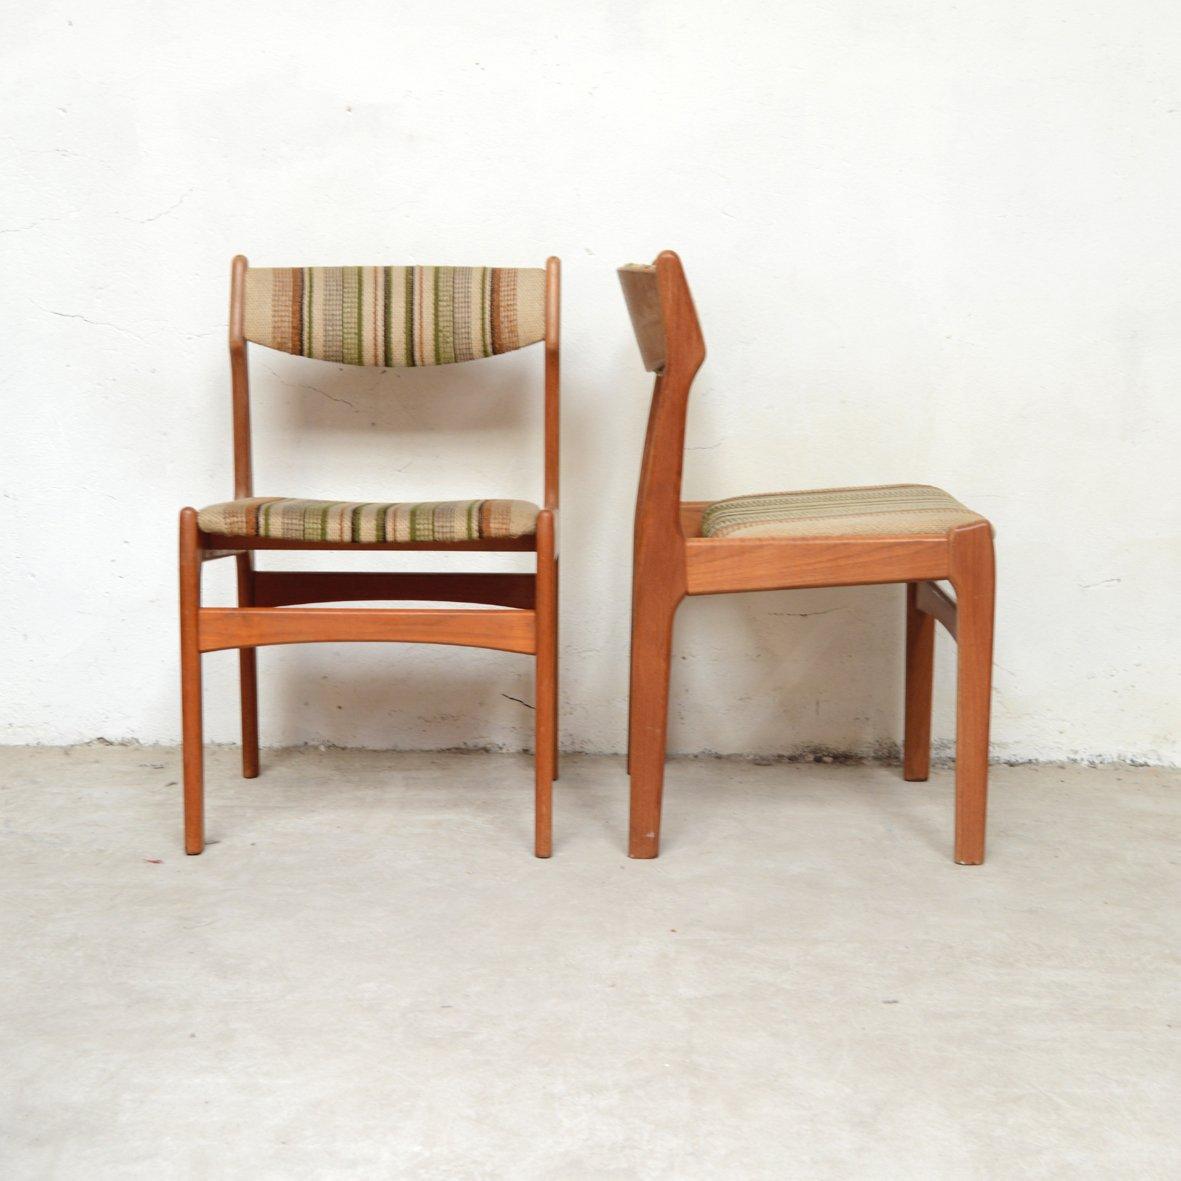 deutsch skandinavische esszimmerst hle 1960er 4er set bei pamono kaufen. Black Bedroom Furniture Sets. Home Design Ideas